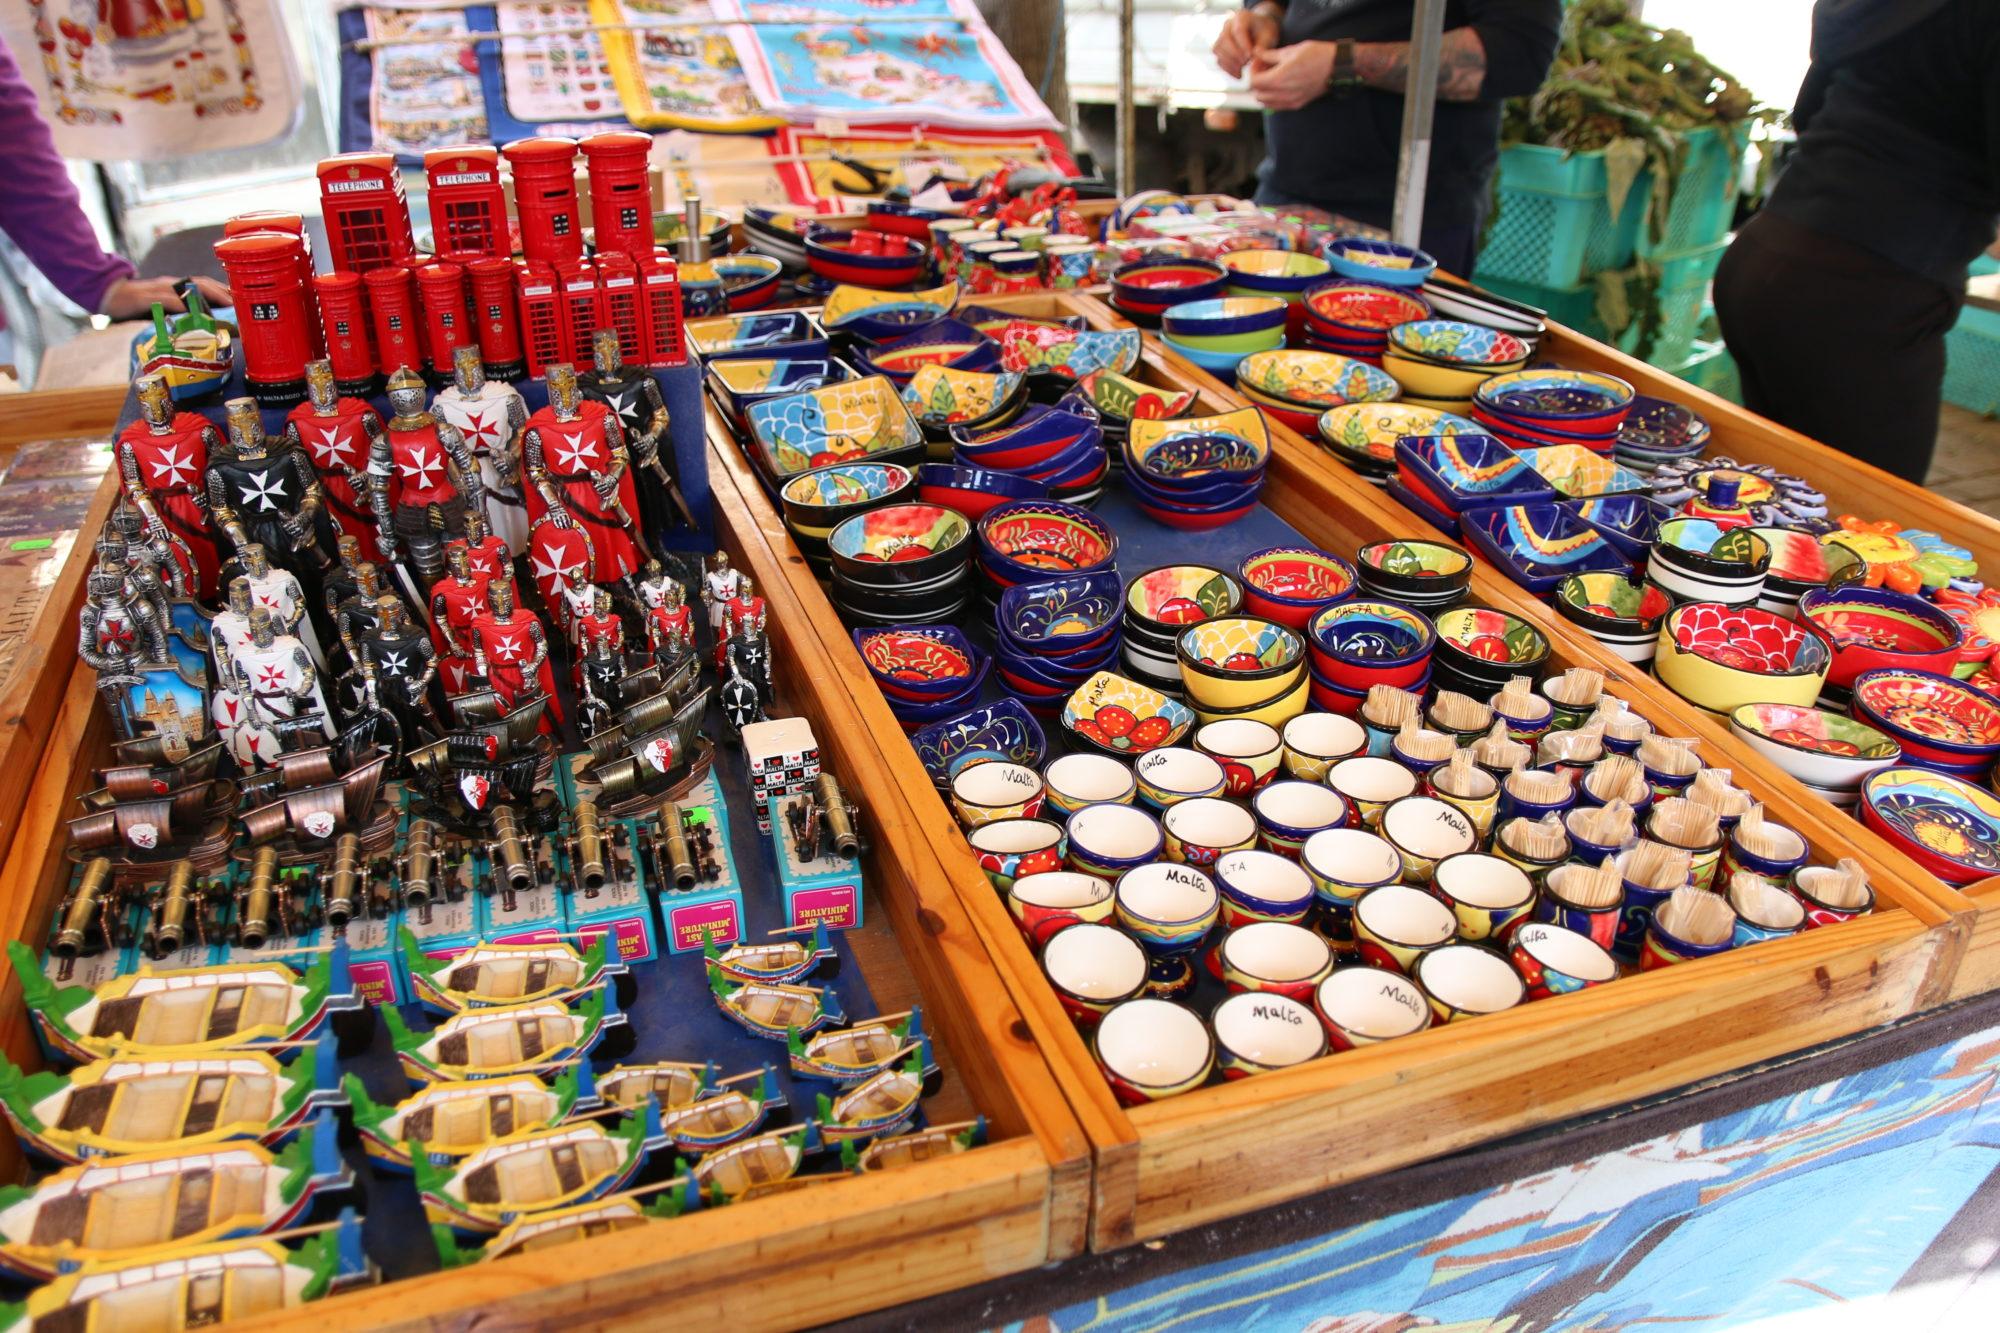 マルタでお土産を買うオススメスポット3選~マルサシュロックの朝市・Is-Suq  Tal-Belt(バレッタ)・マルタ空港(ルア)~[マルタ旅行記]